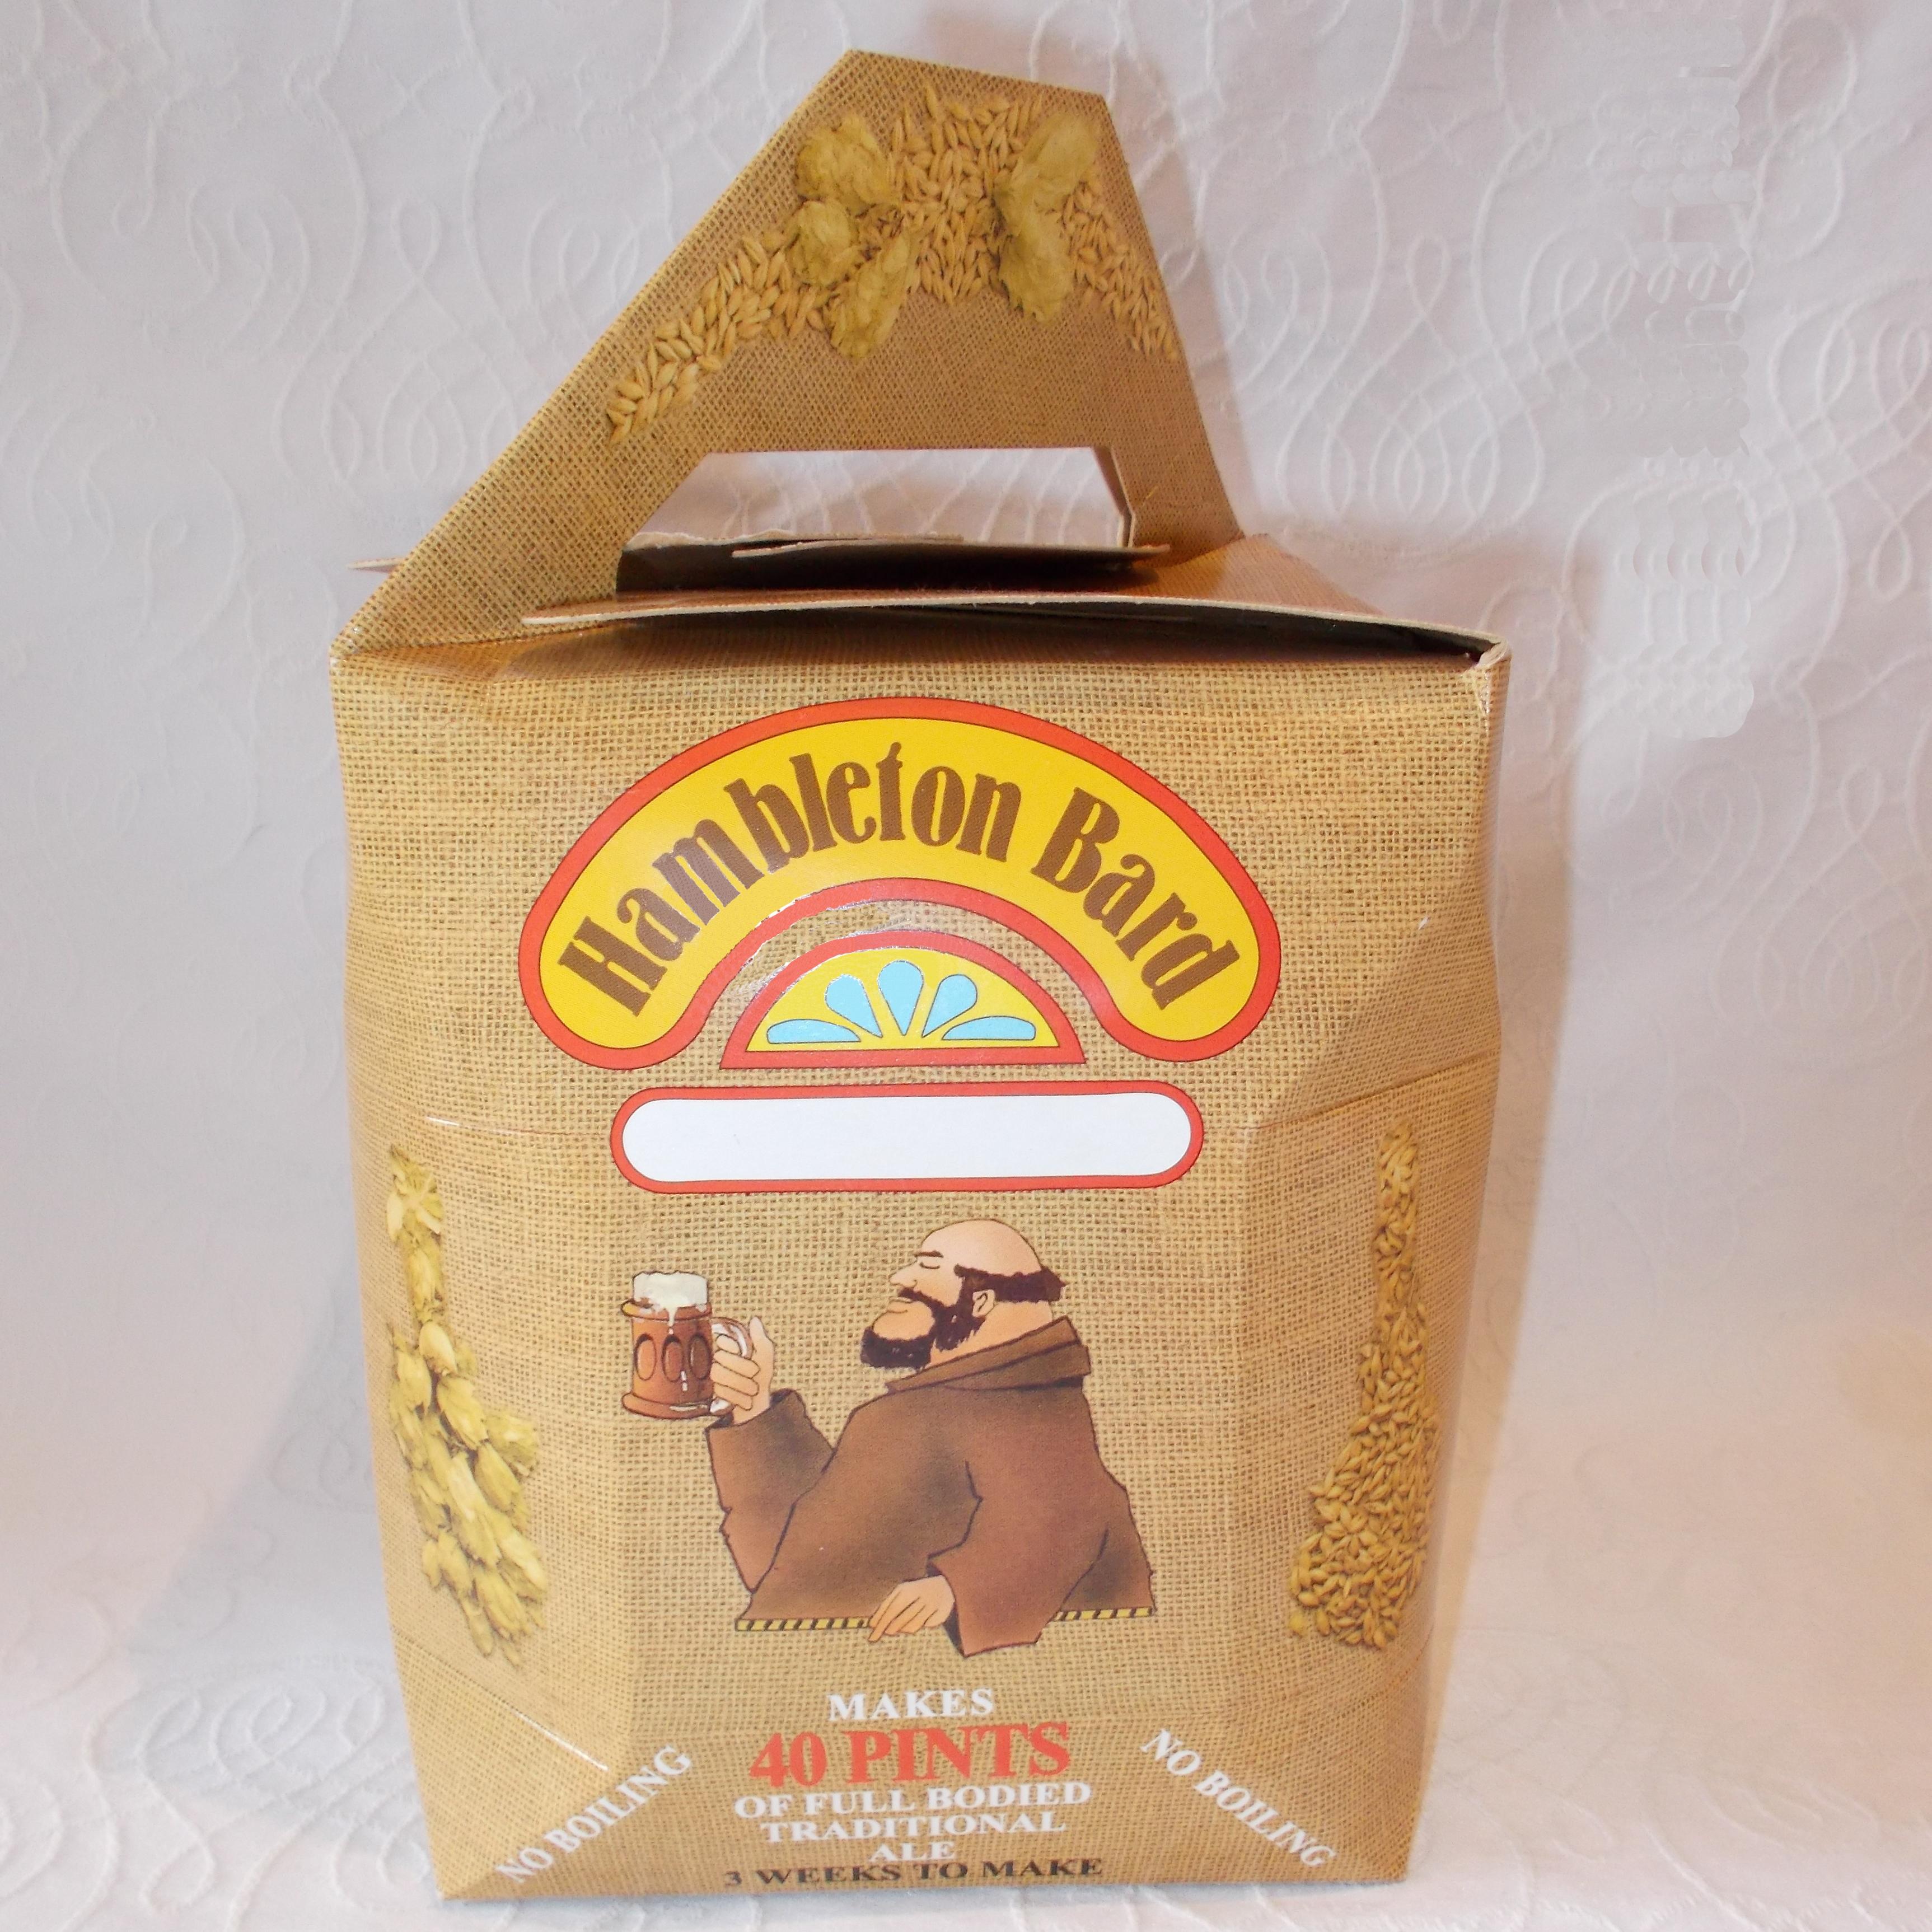 Hambleton Bard Dry Beer Kits - Strong Bitter